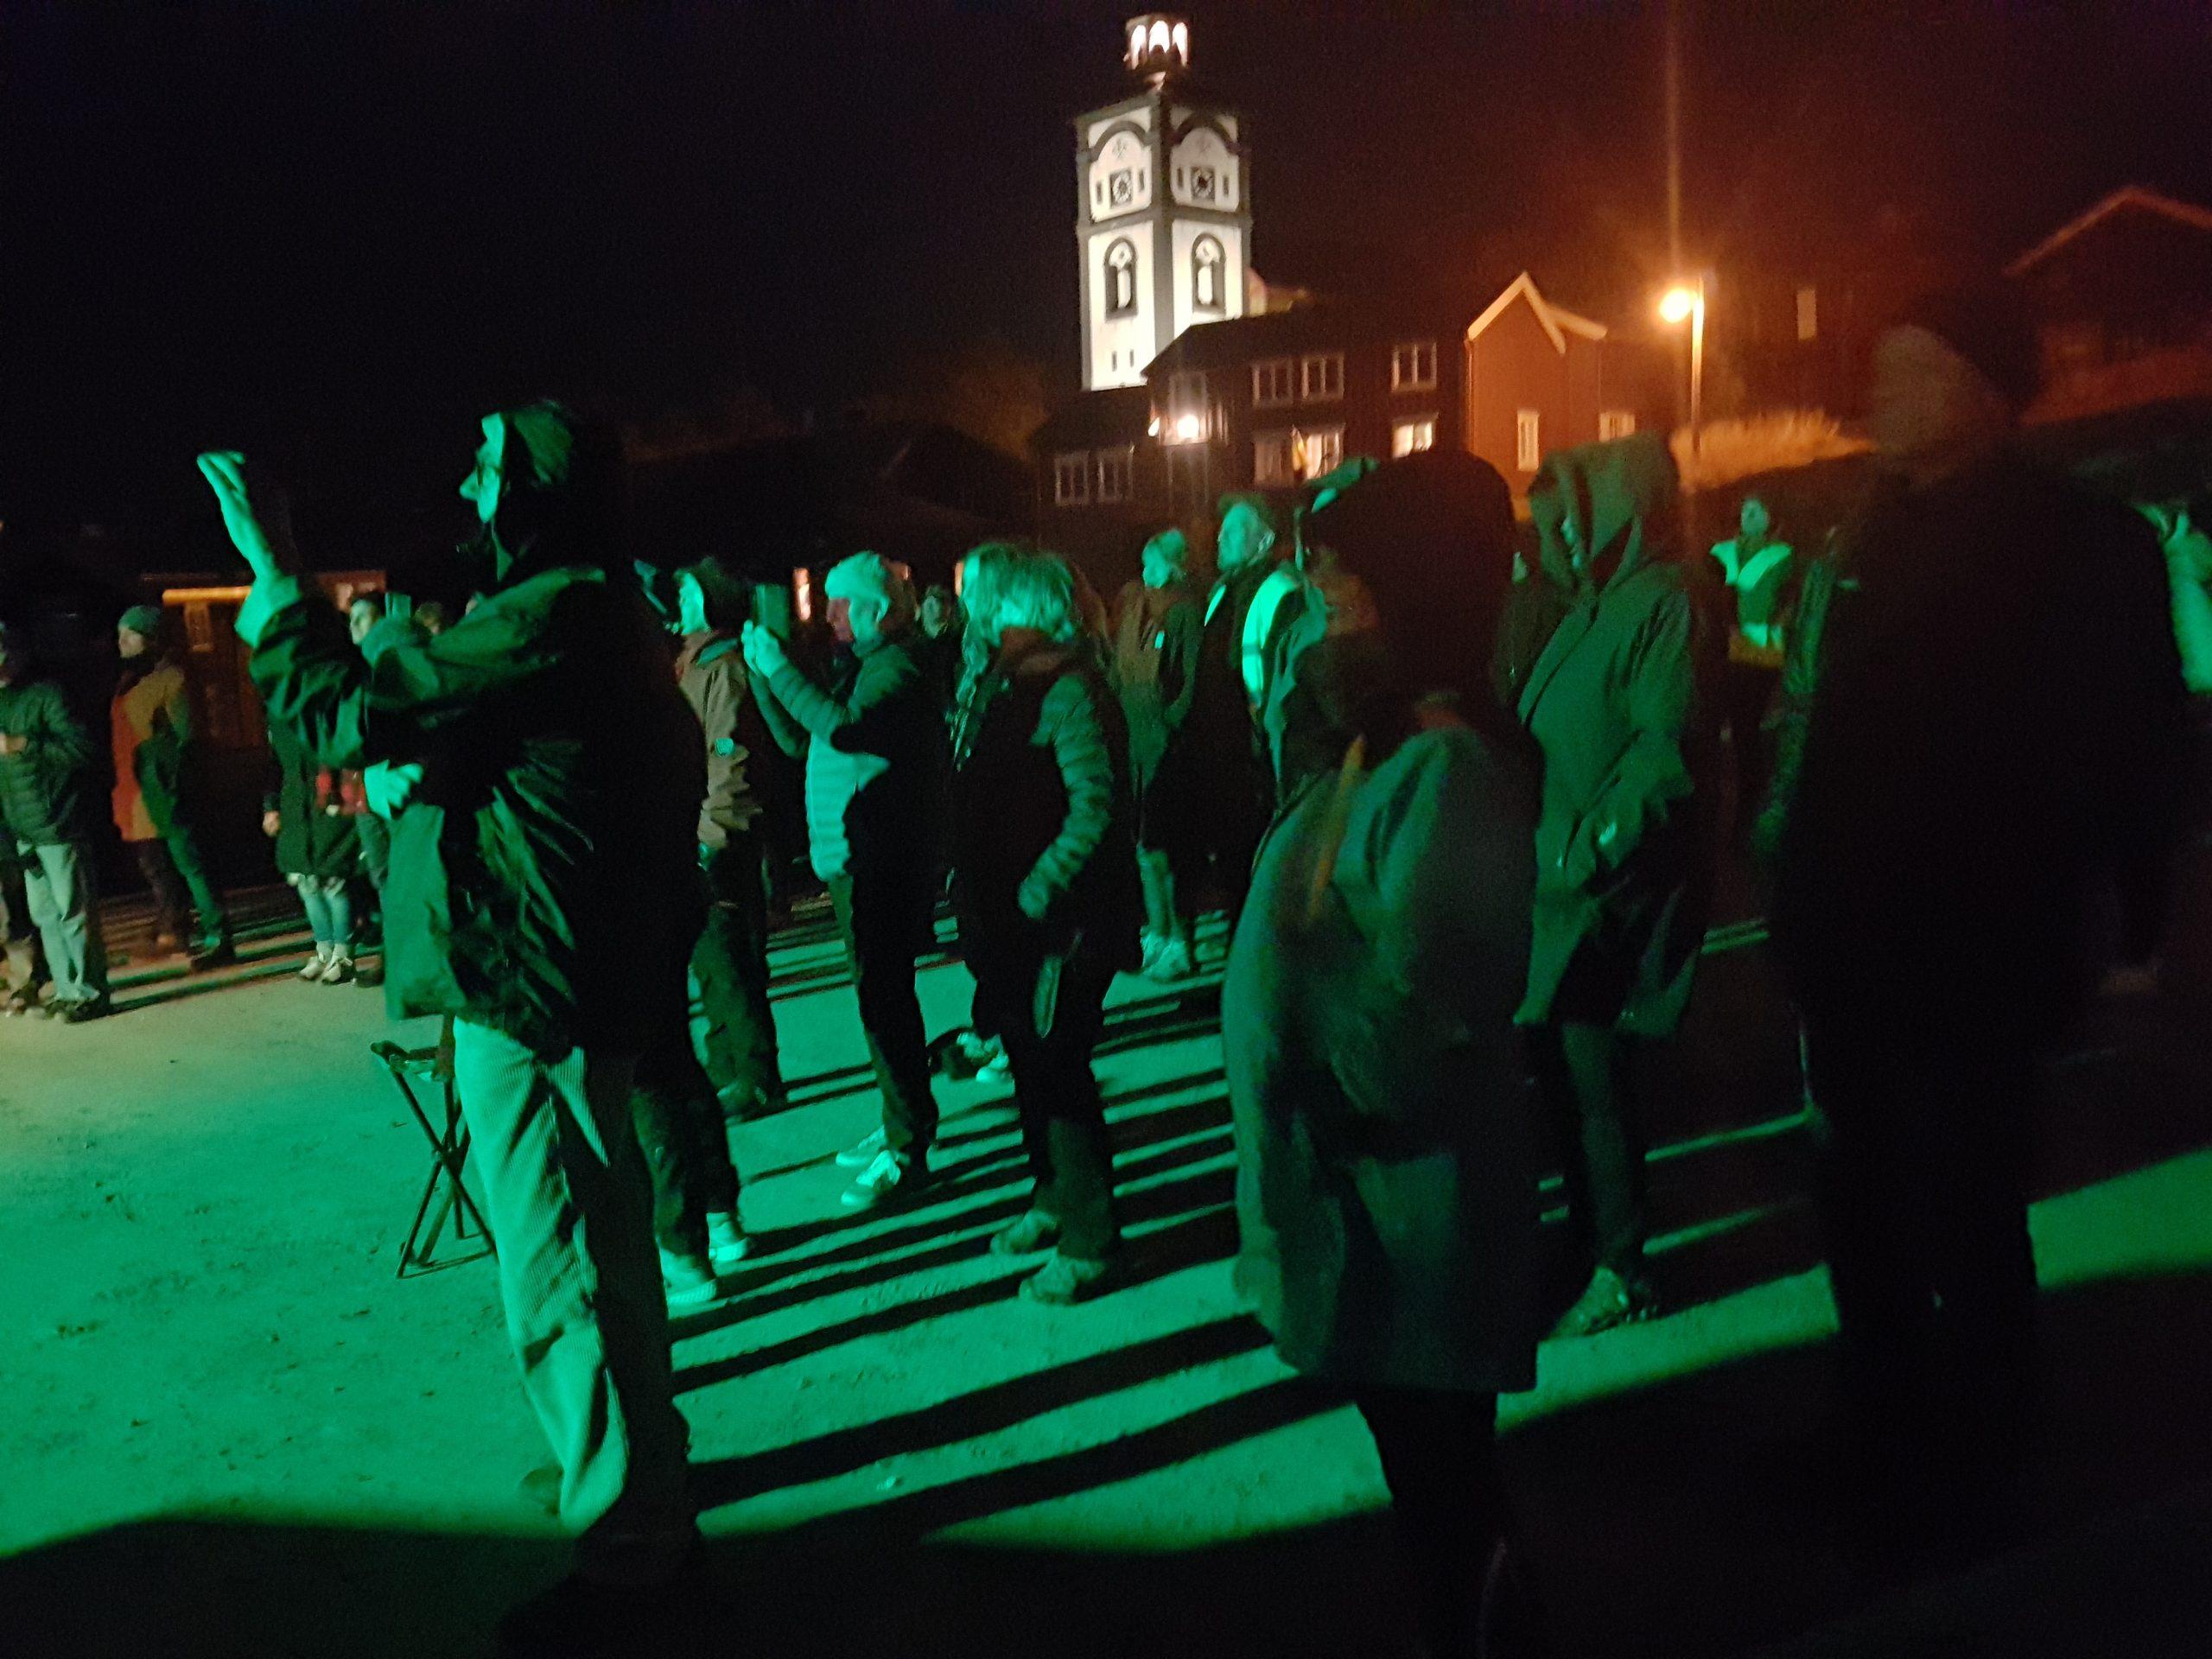 Bilde av Åpningen av verdensarvsenteret ble markert med folkefest i bergstaden fredag kveld. Foto: Jostein Løvdal, Riksantikvaren